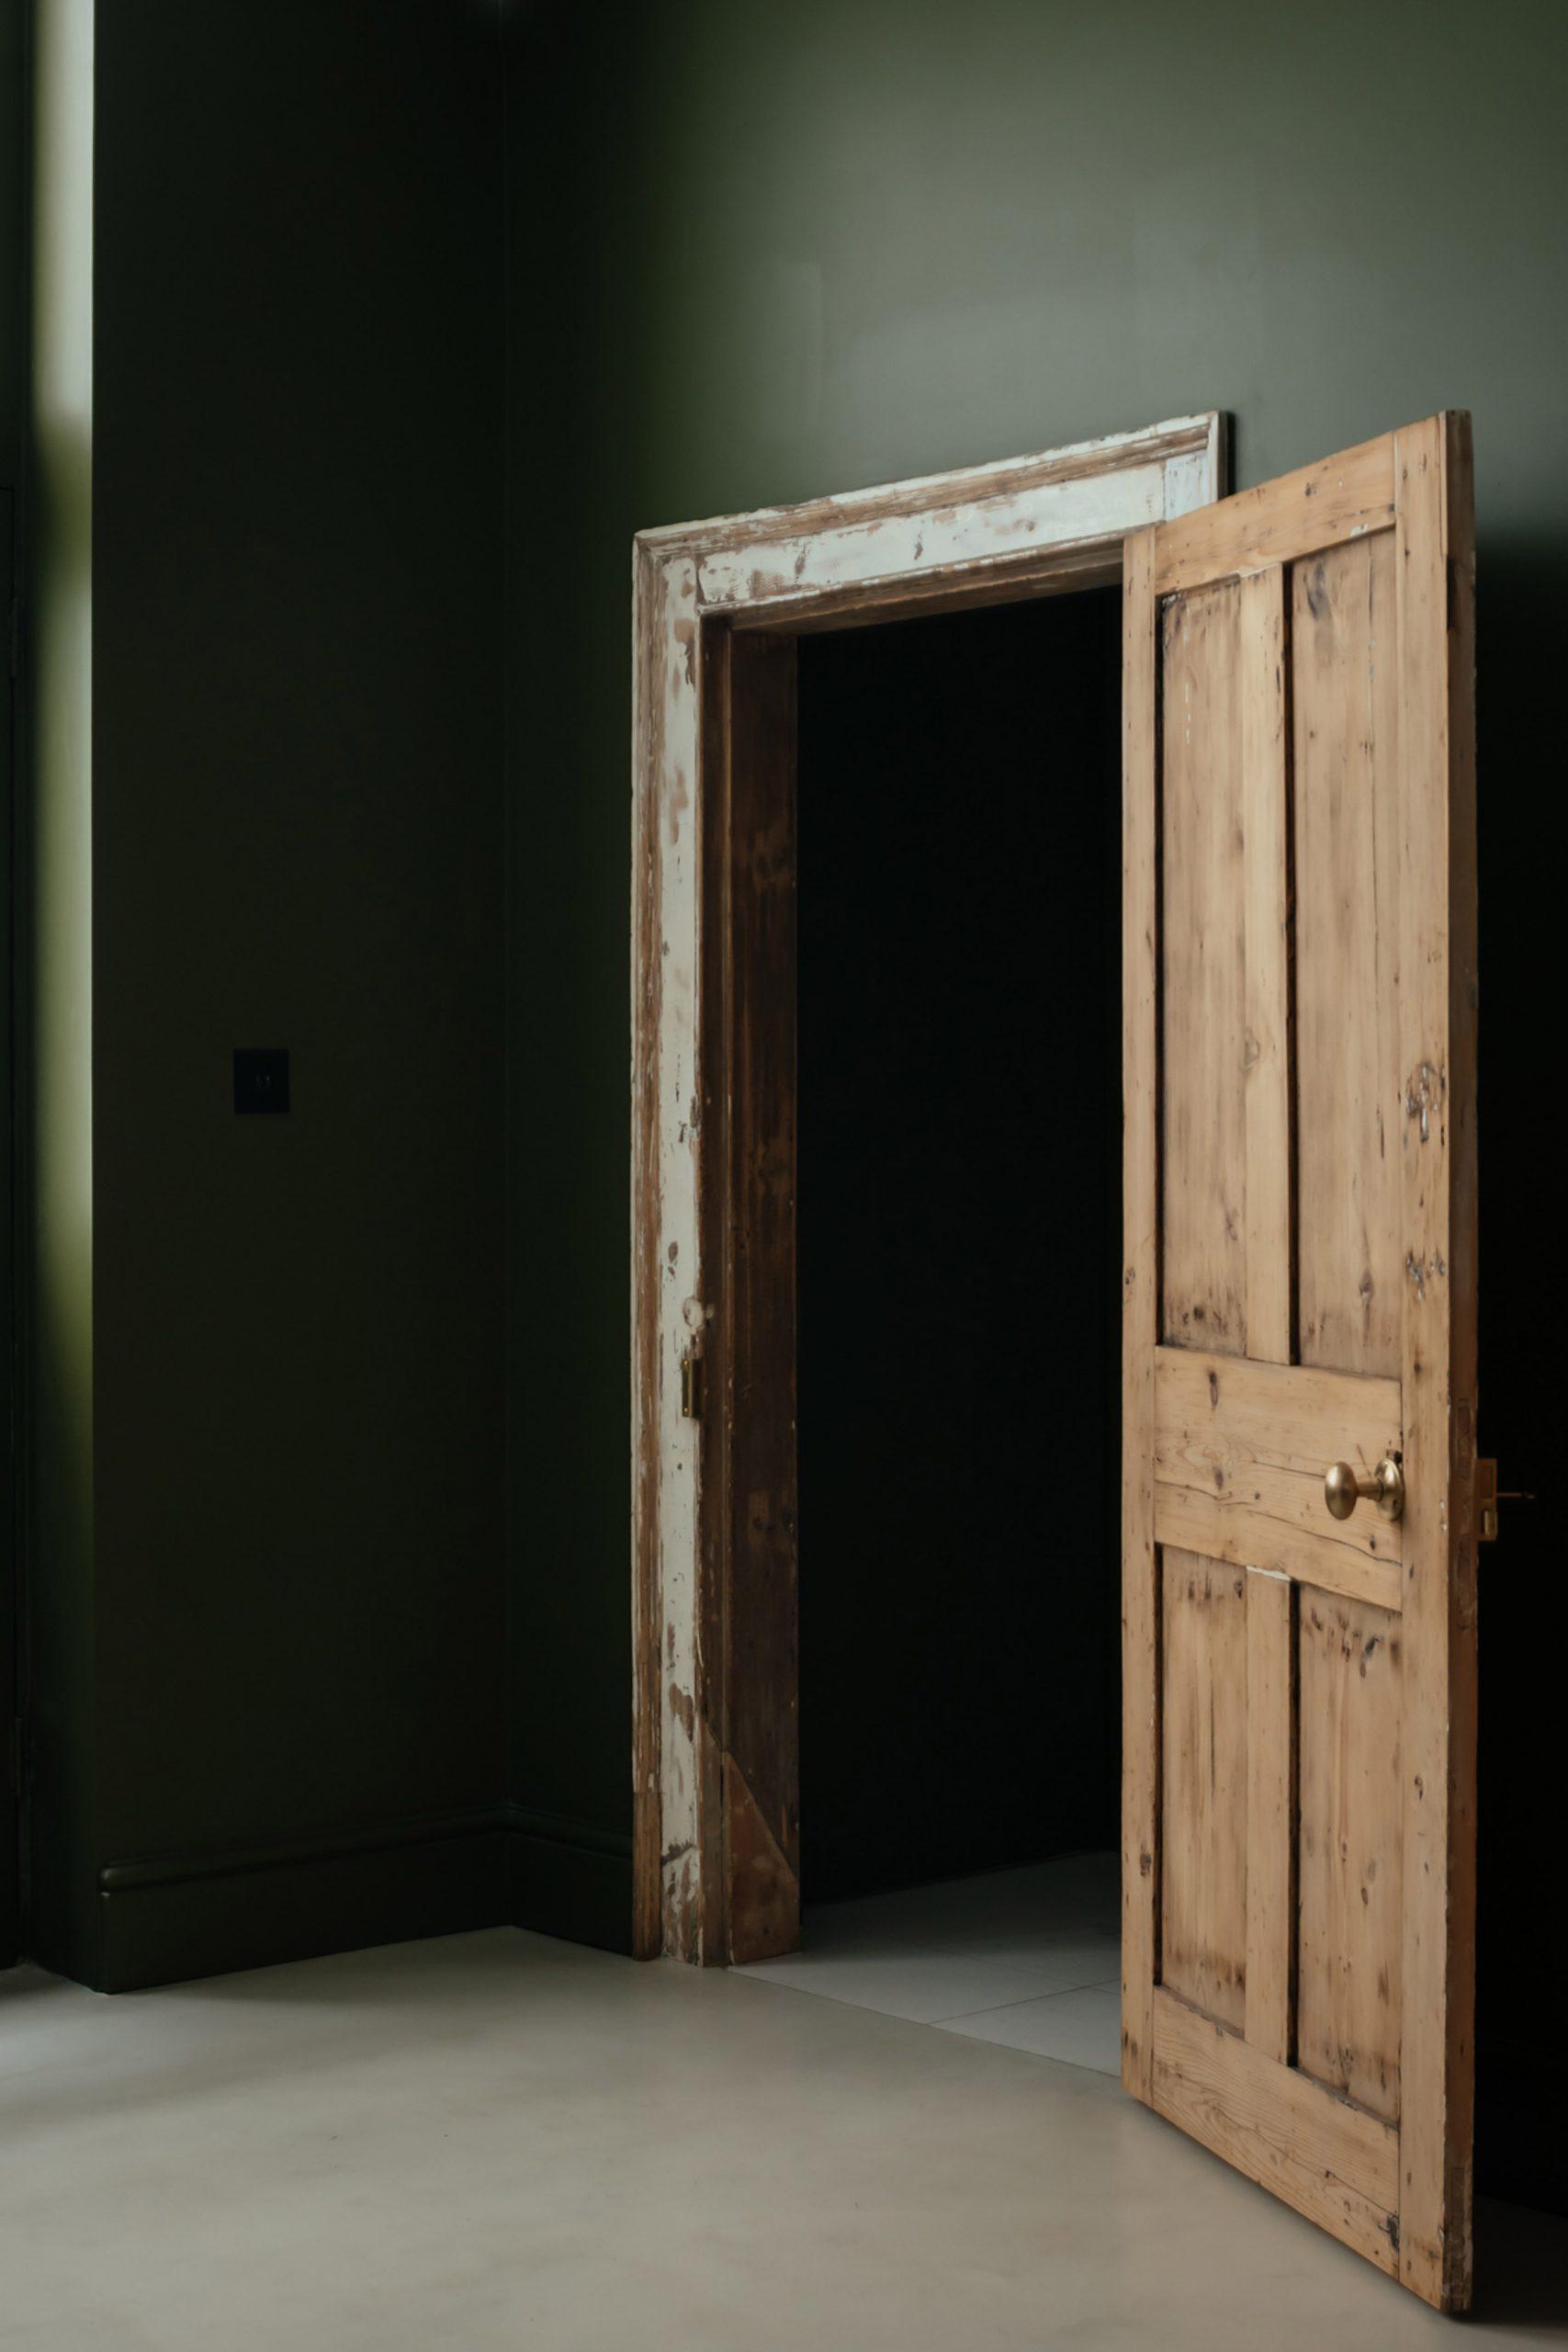 Restored Georgian door in Unearthed Vault apartment